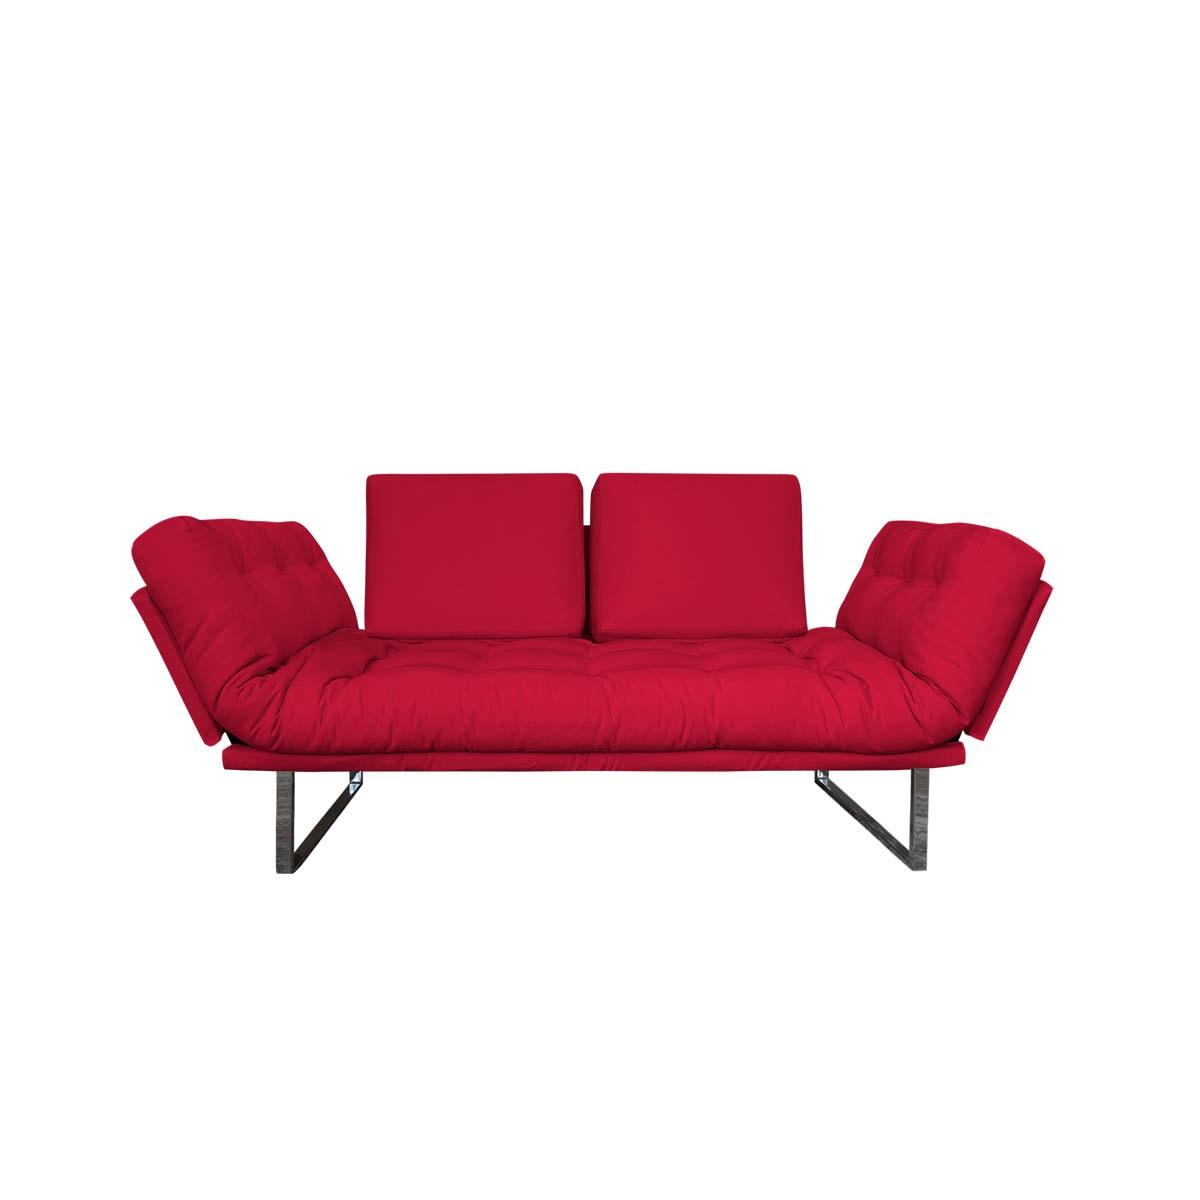 Sofa cama 2 lugares futon company for Sofa cama de 2 cuerpos